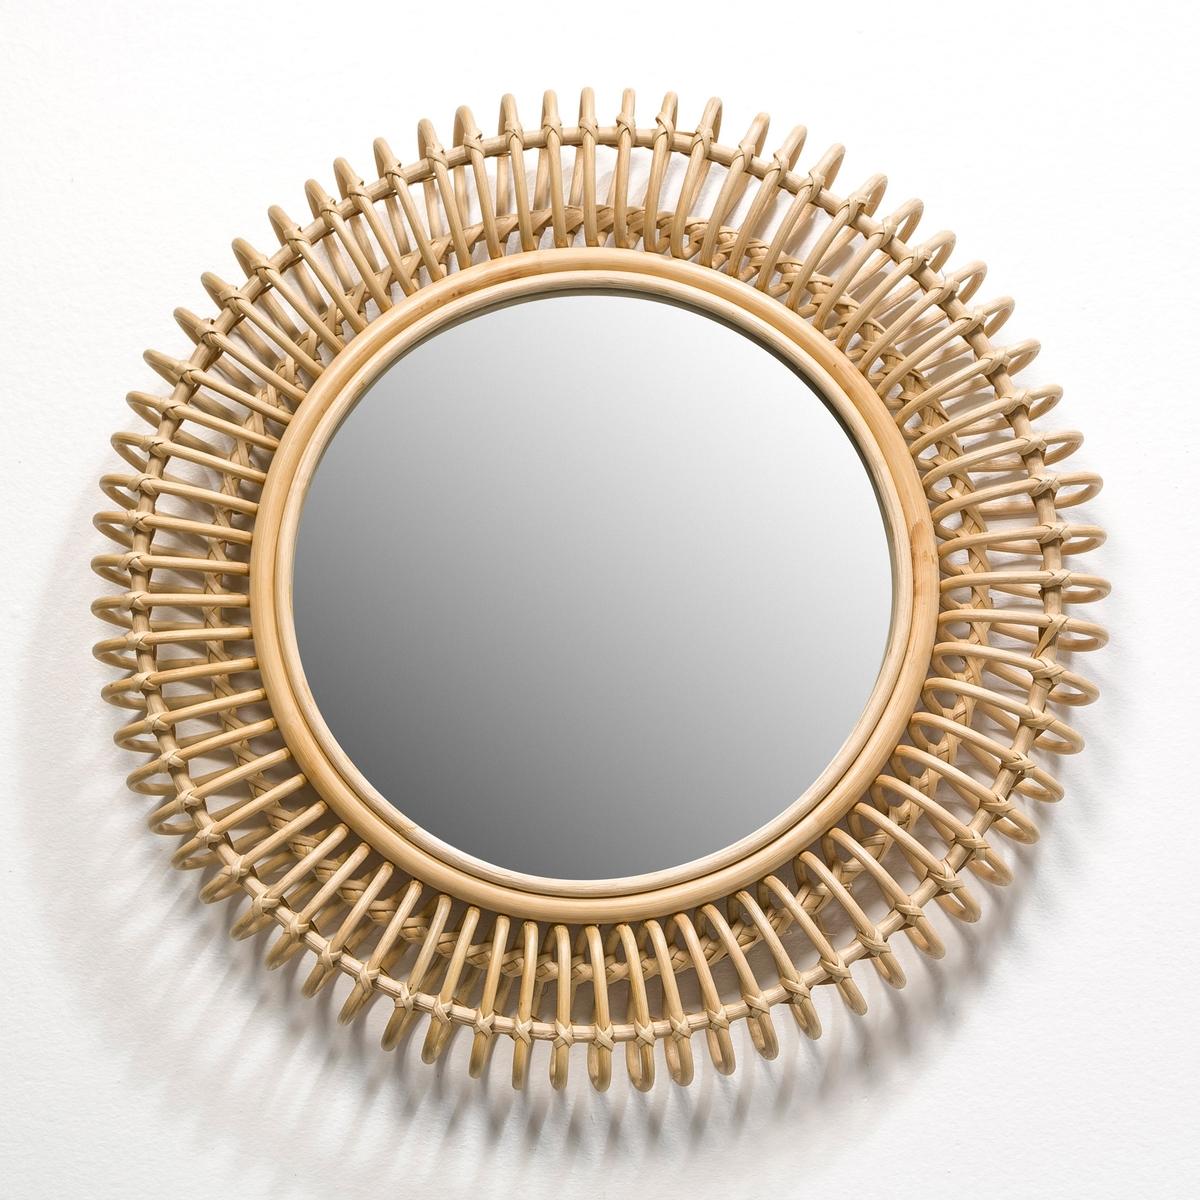 Зеркало La Redoute Круглое из ротанга Tarsile см единый размер бежевый поднос la redoute из ротанга vesprie единый размер бежевый